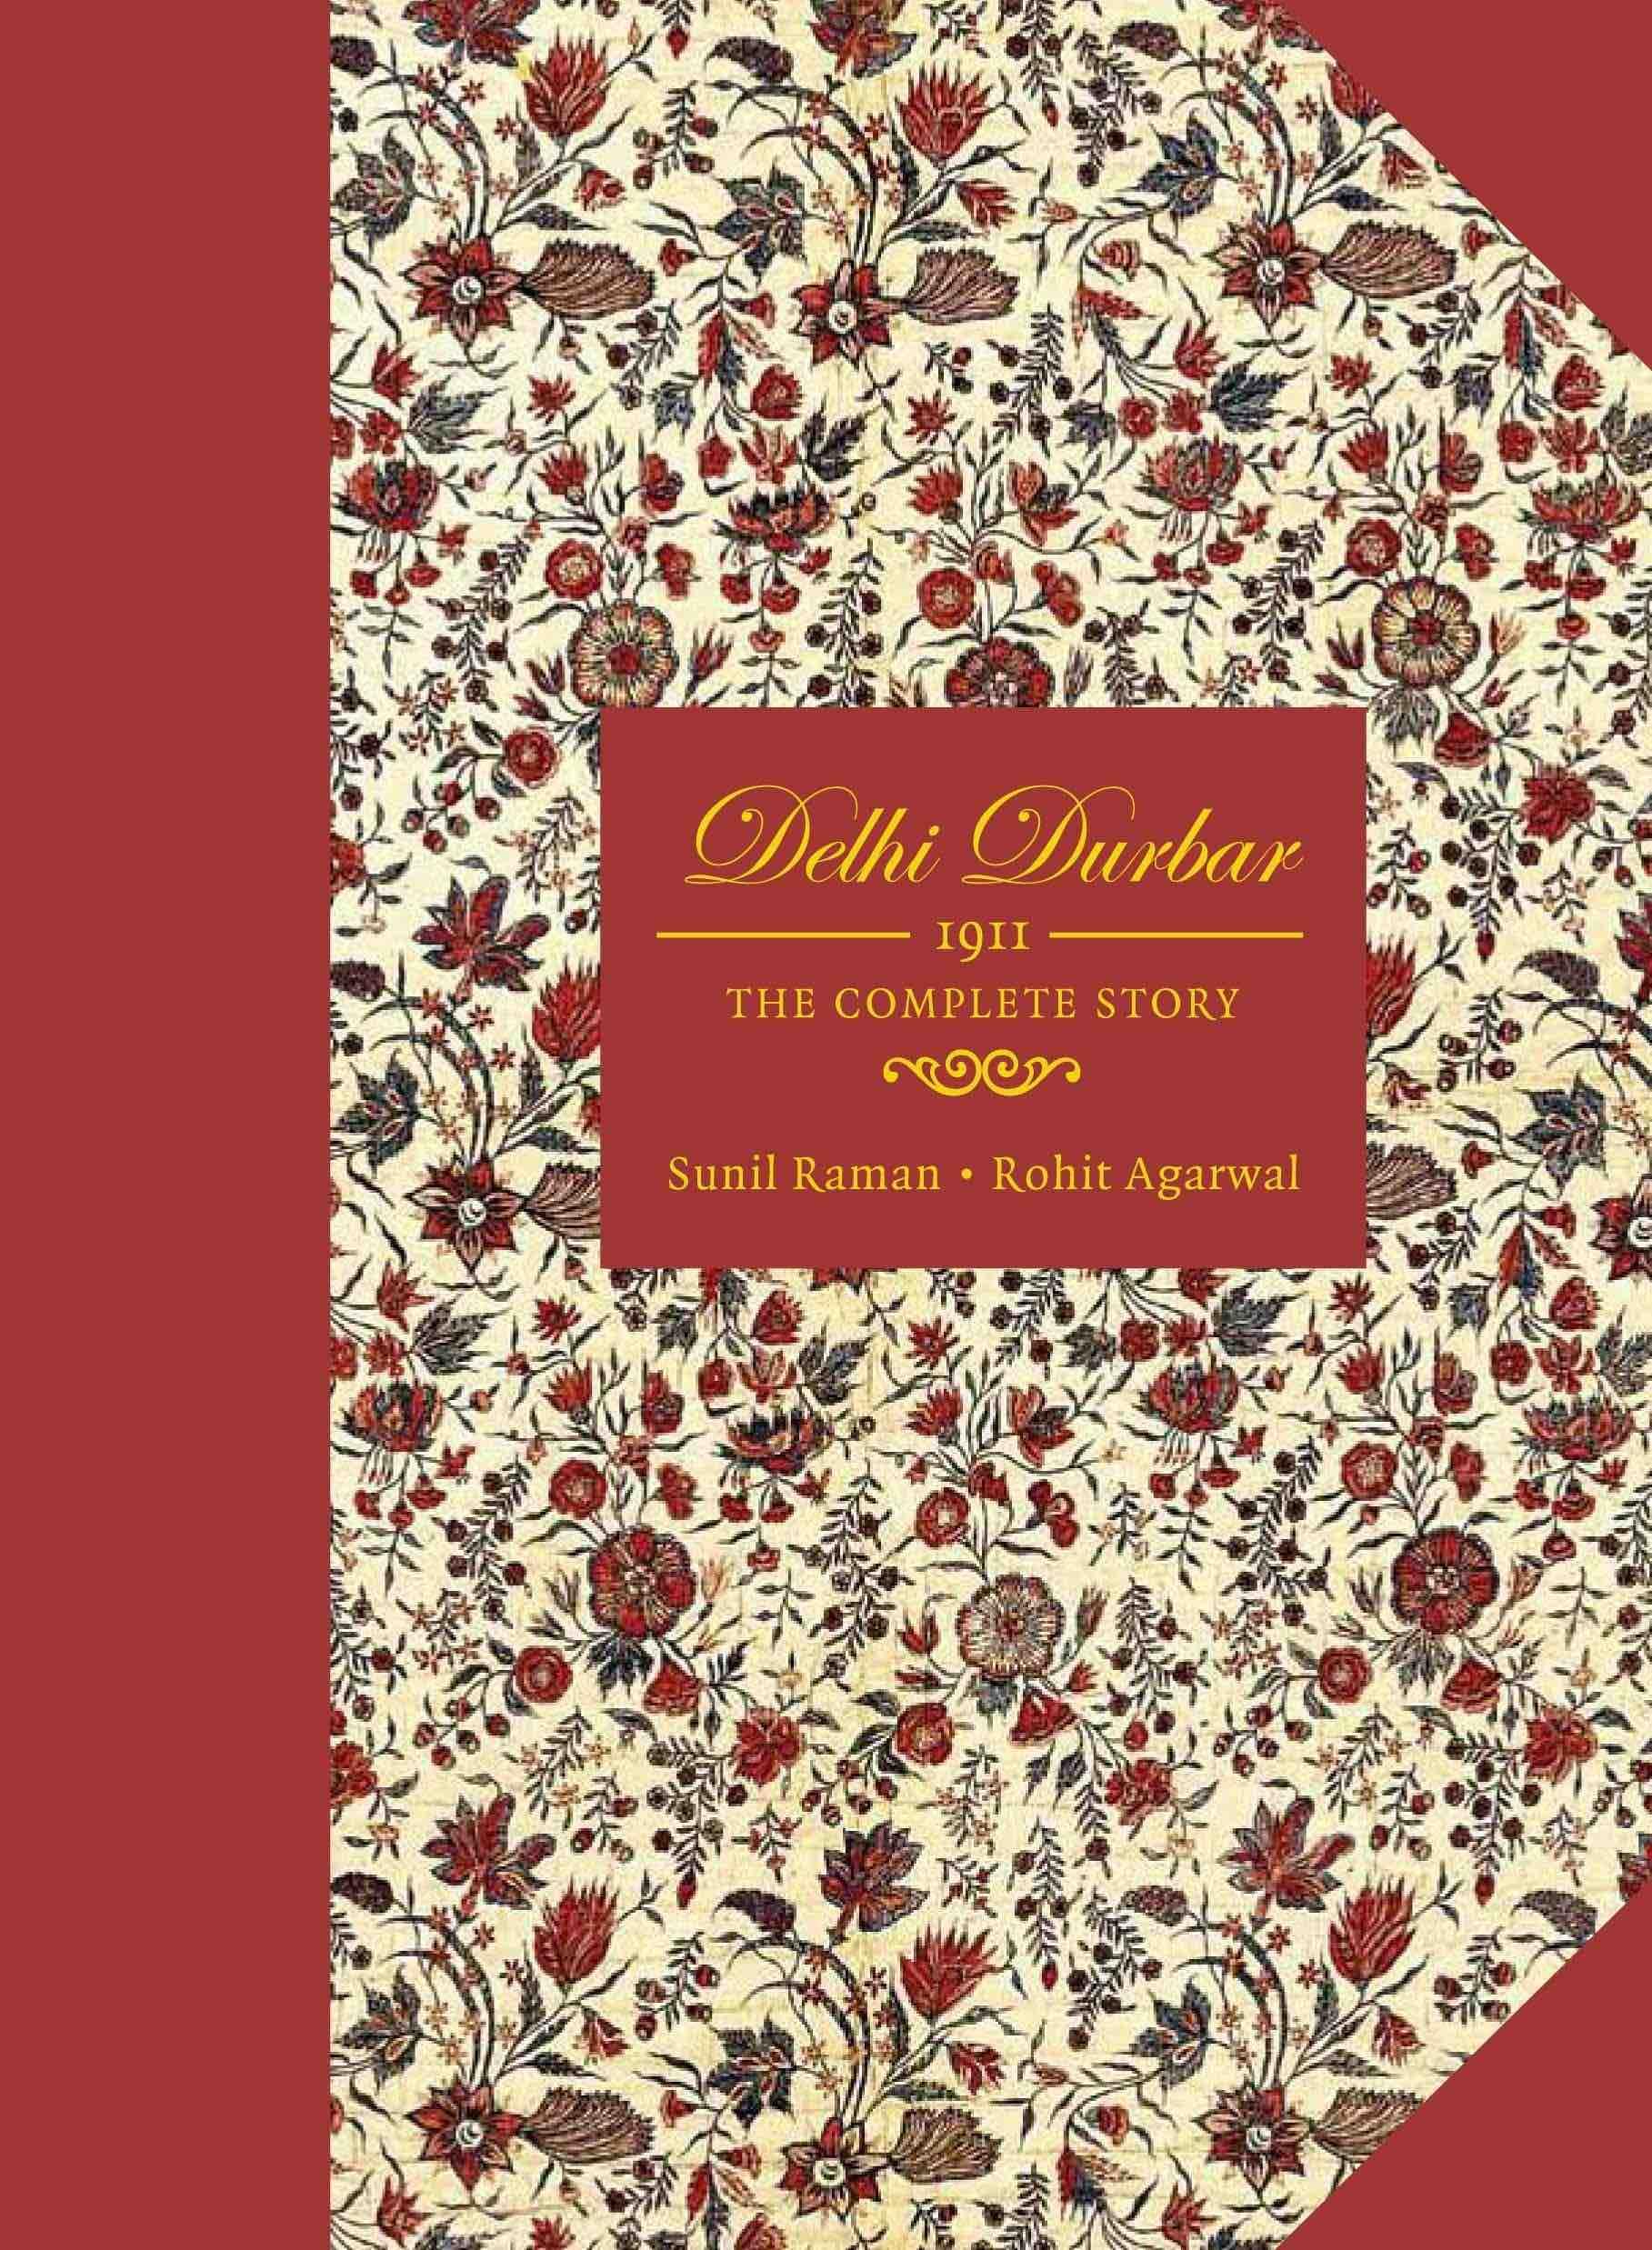 DELHI DURBAR by SUNIL RAMAN & ROHIT AGARWAL